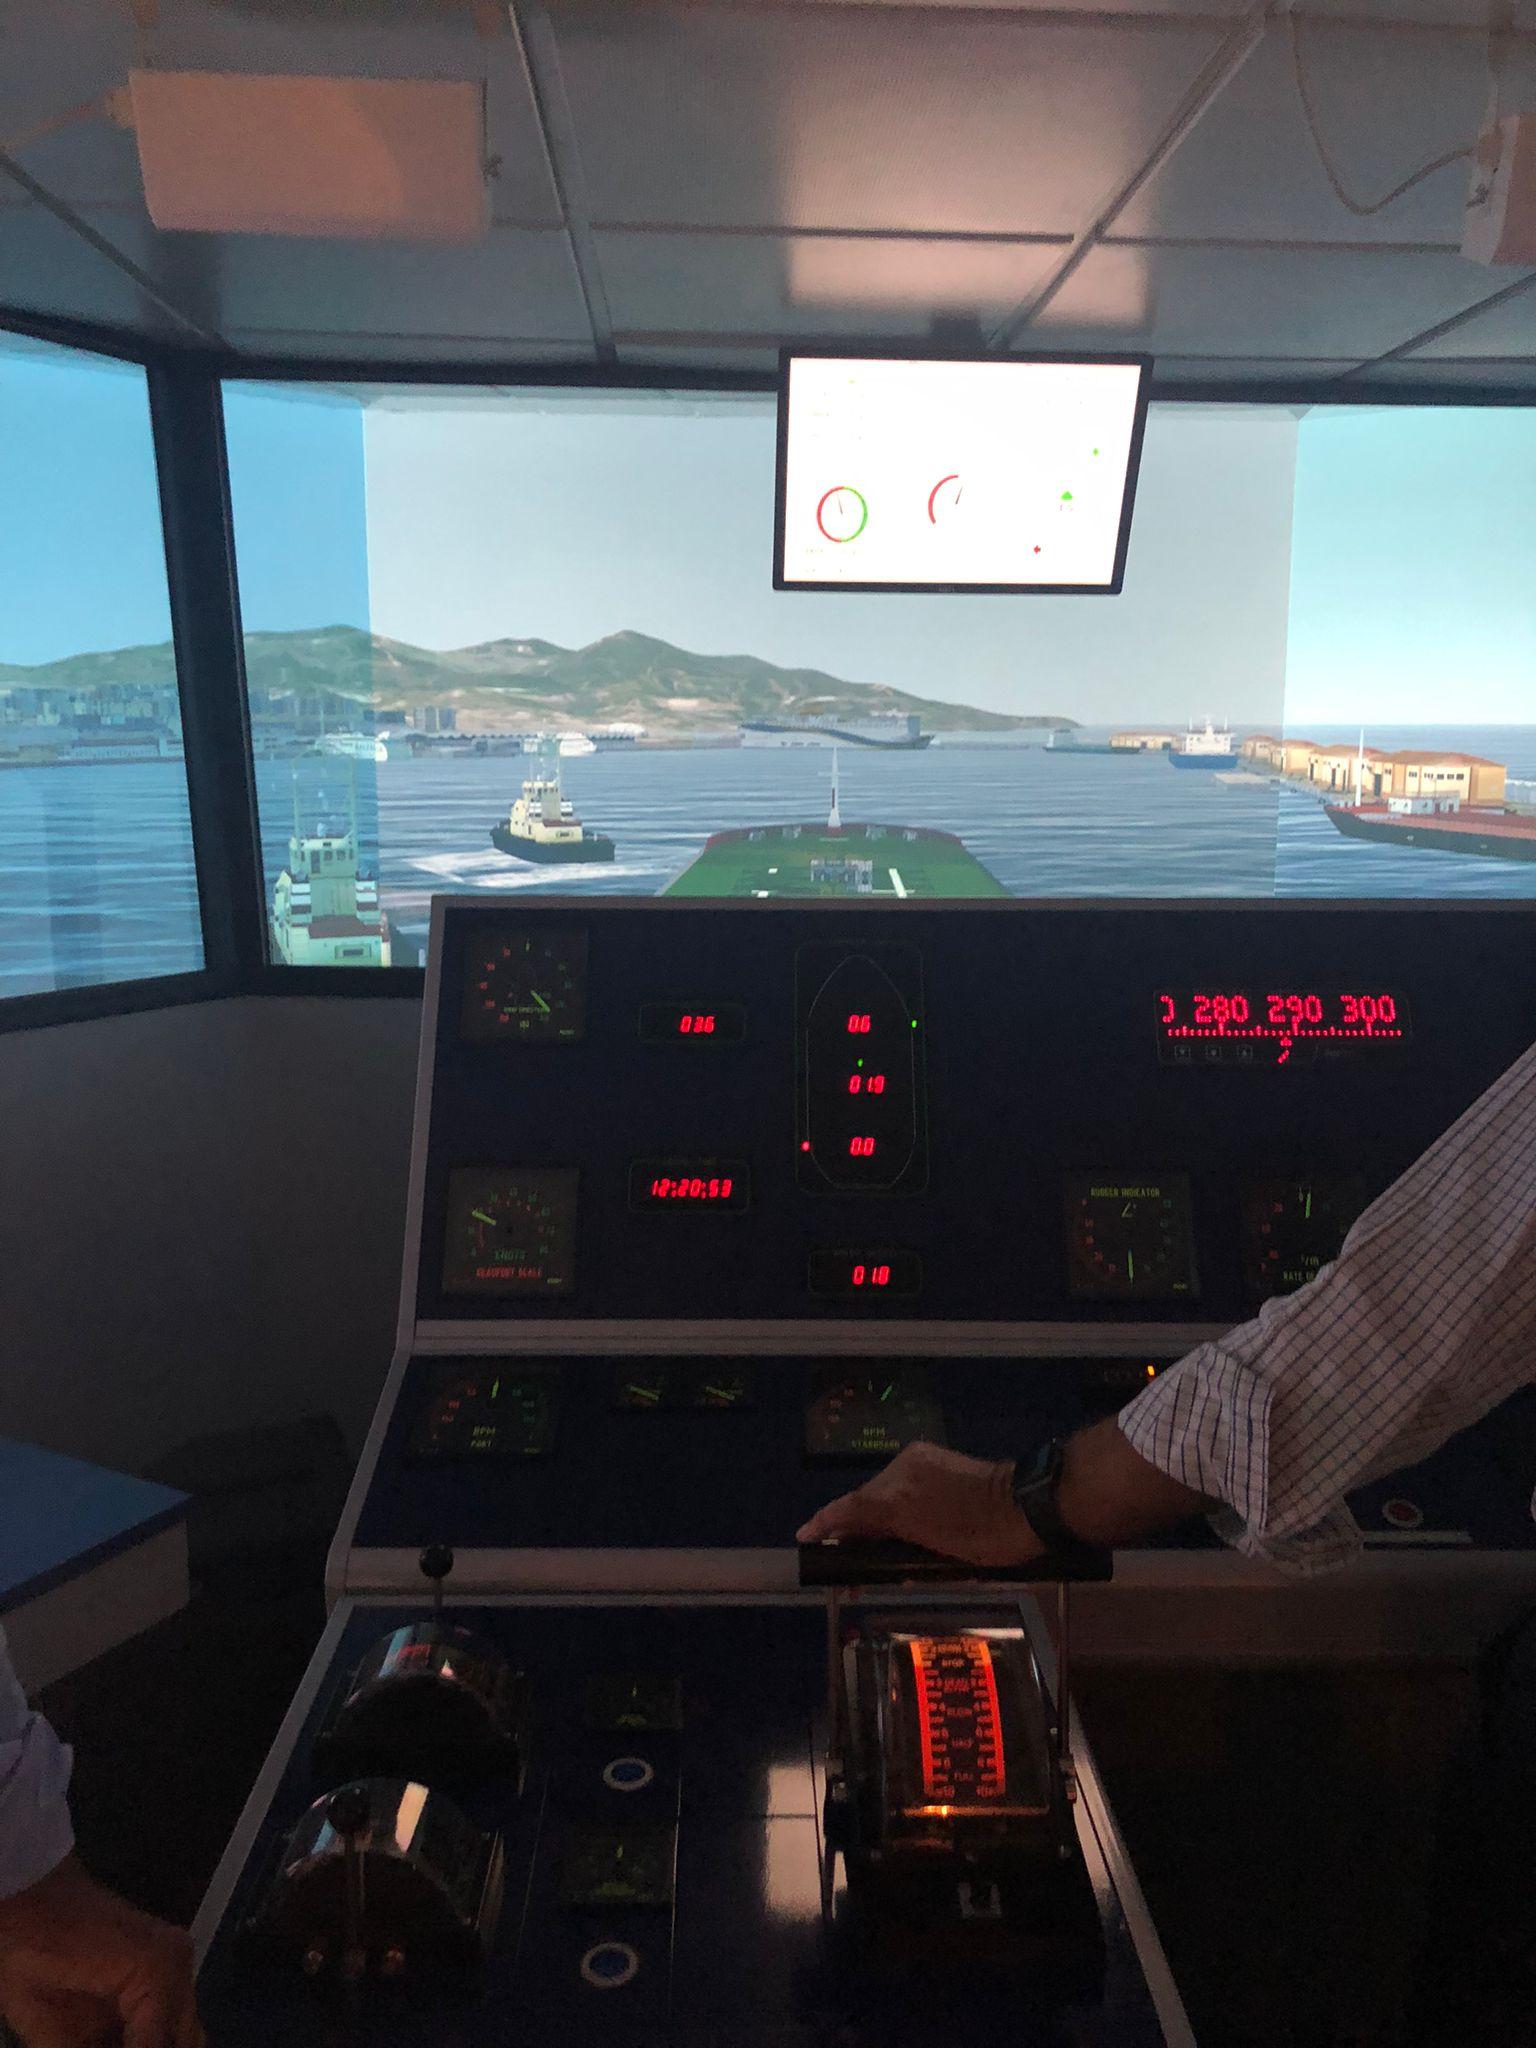 Puerto de Ceuta y Siport21 colaboran para realizar sesiones de entrenamiento en un simulador de maniobras de bunkering